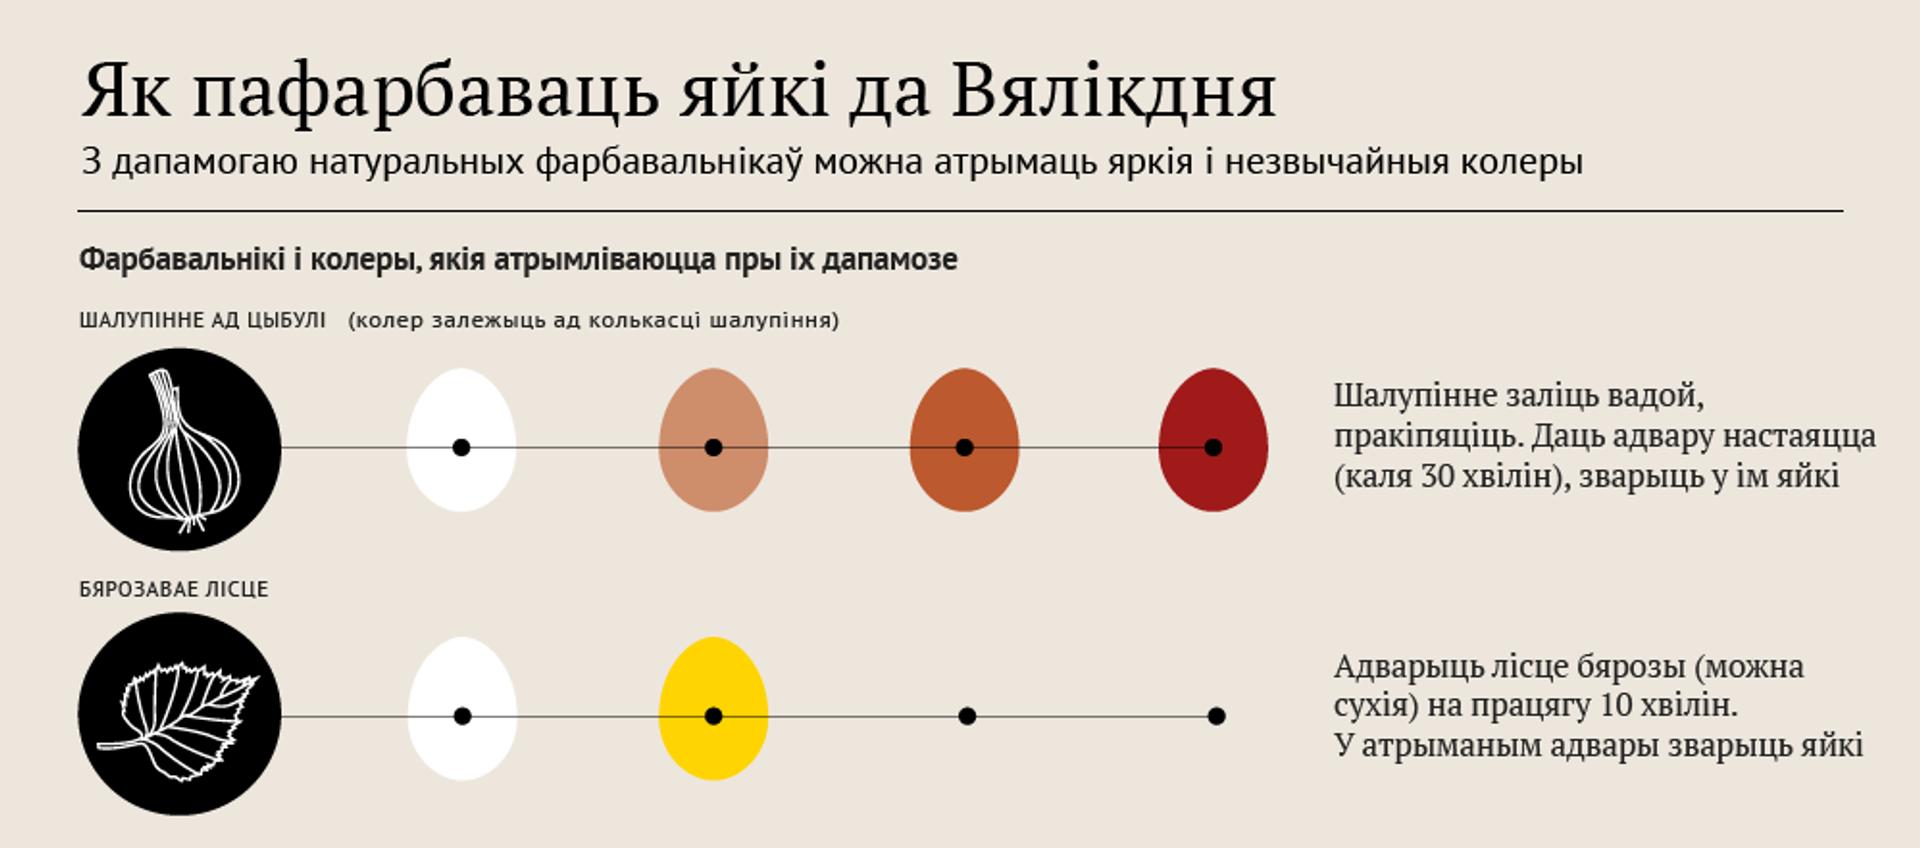 Як пафарбаваць яйкі да Вялікдня - Sputnik Беларусь, 1920, 30.04.2021